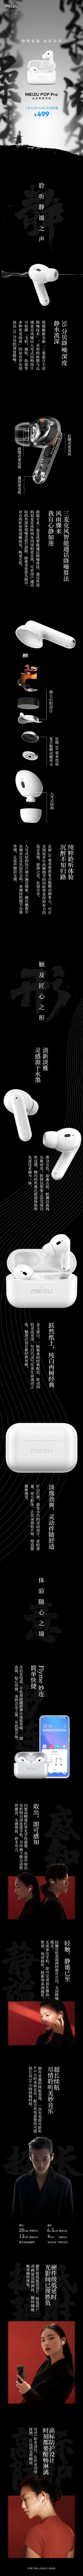 魅族POP Pro主动降噪耳机发布:499元